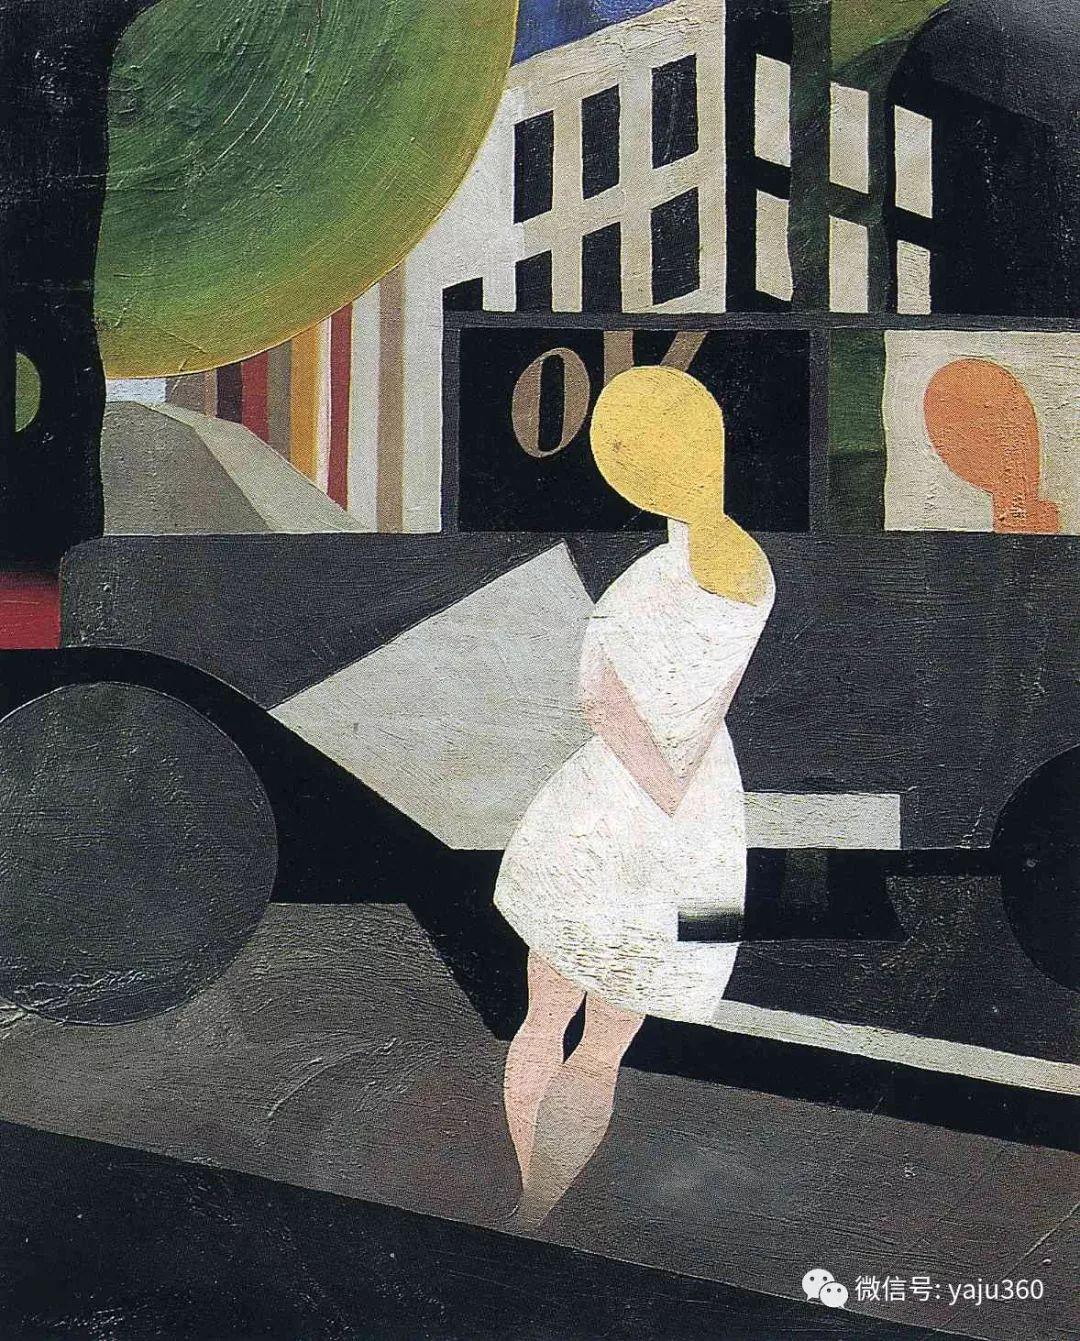 超现实主义 比利时画家Rene Magritte插图9